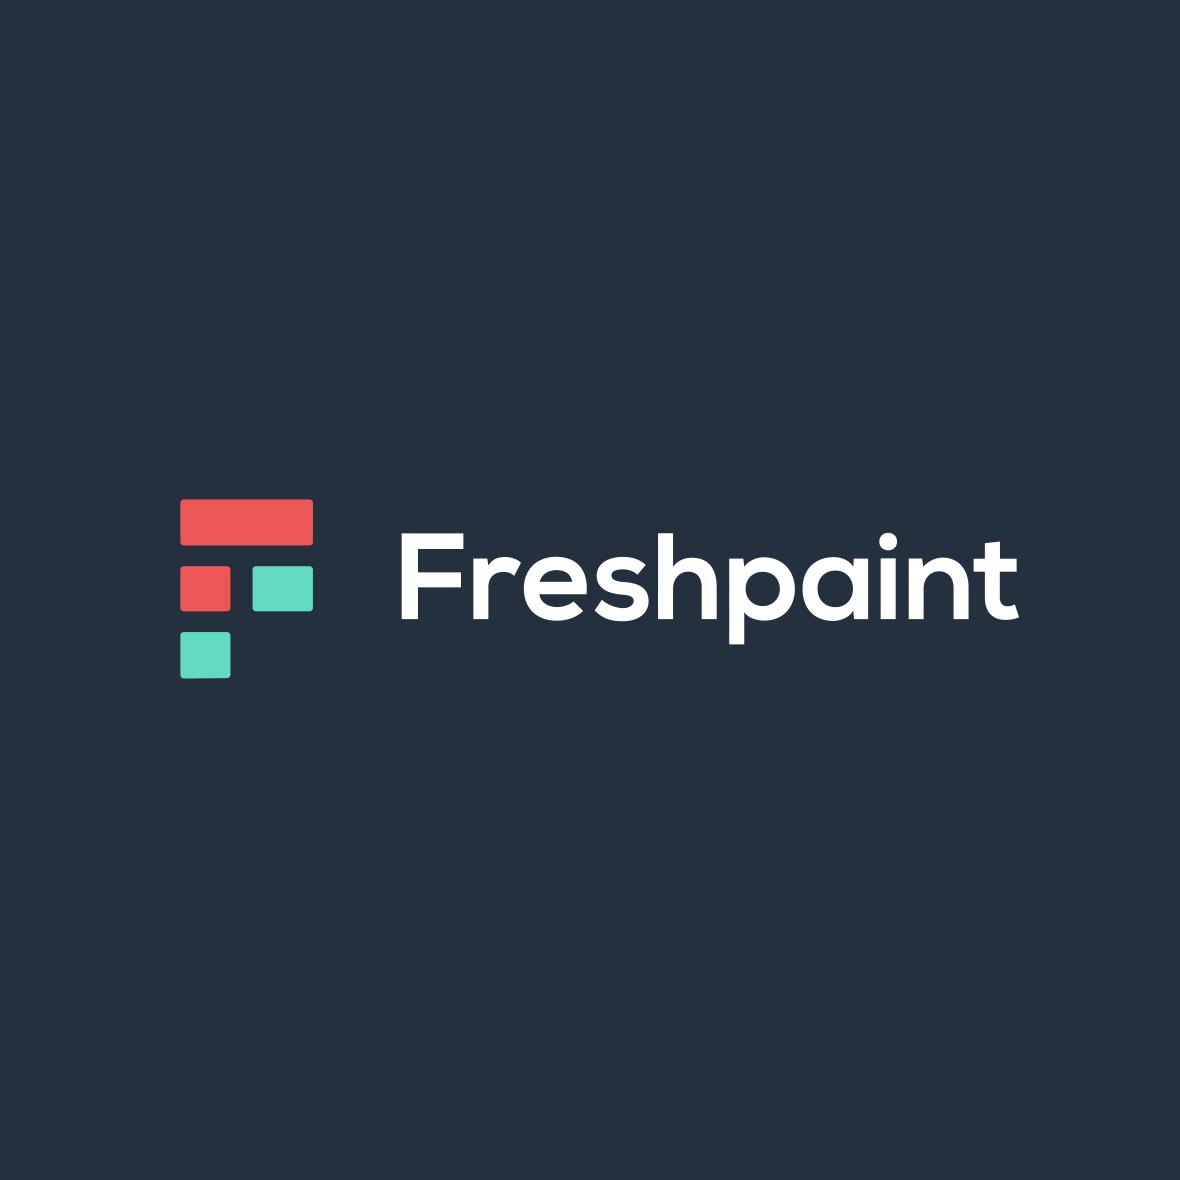 Freshpaint